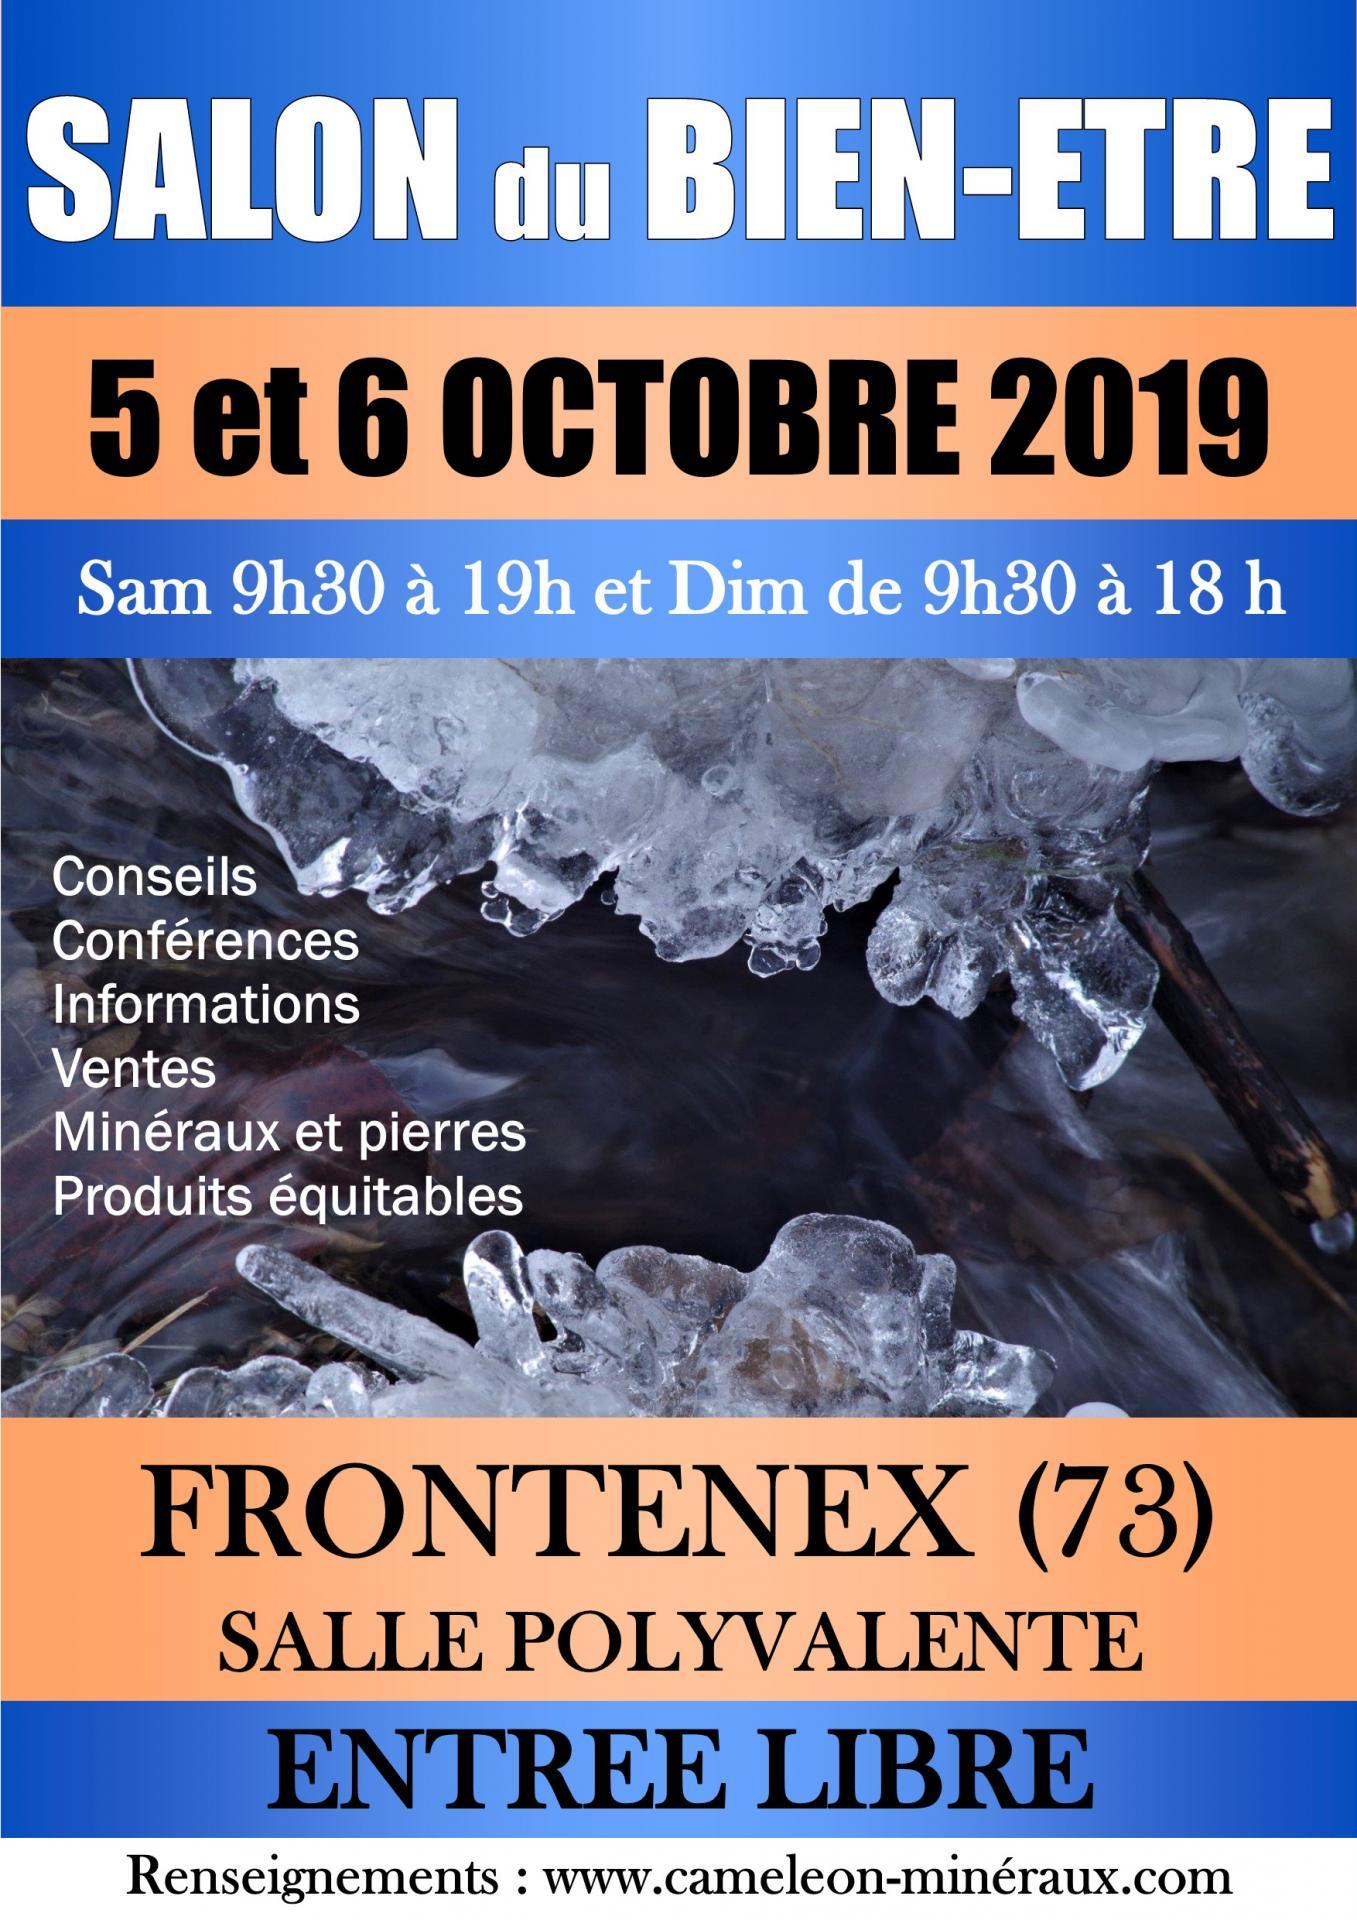 Calendrier Des Salons Bien Etre 2020.Salon Du Bien Etre De Frontenex 05 Et 06 Octobre 2019